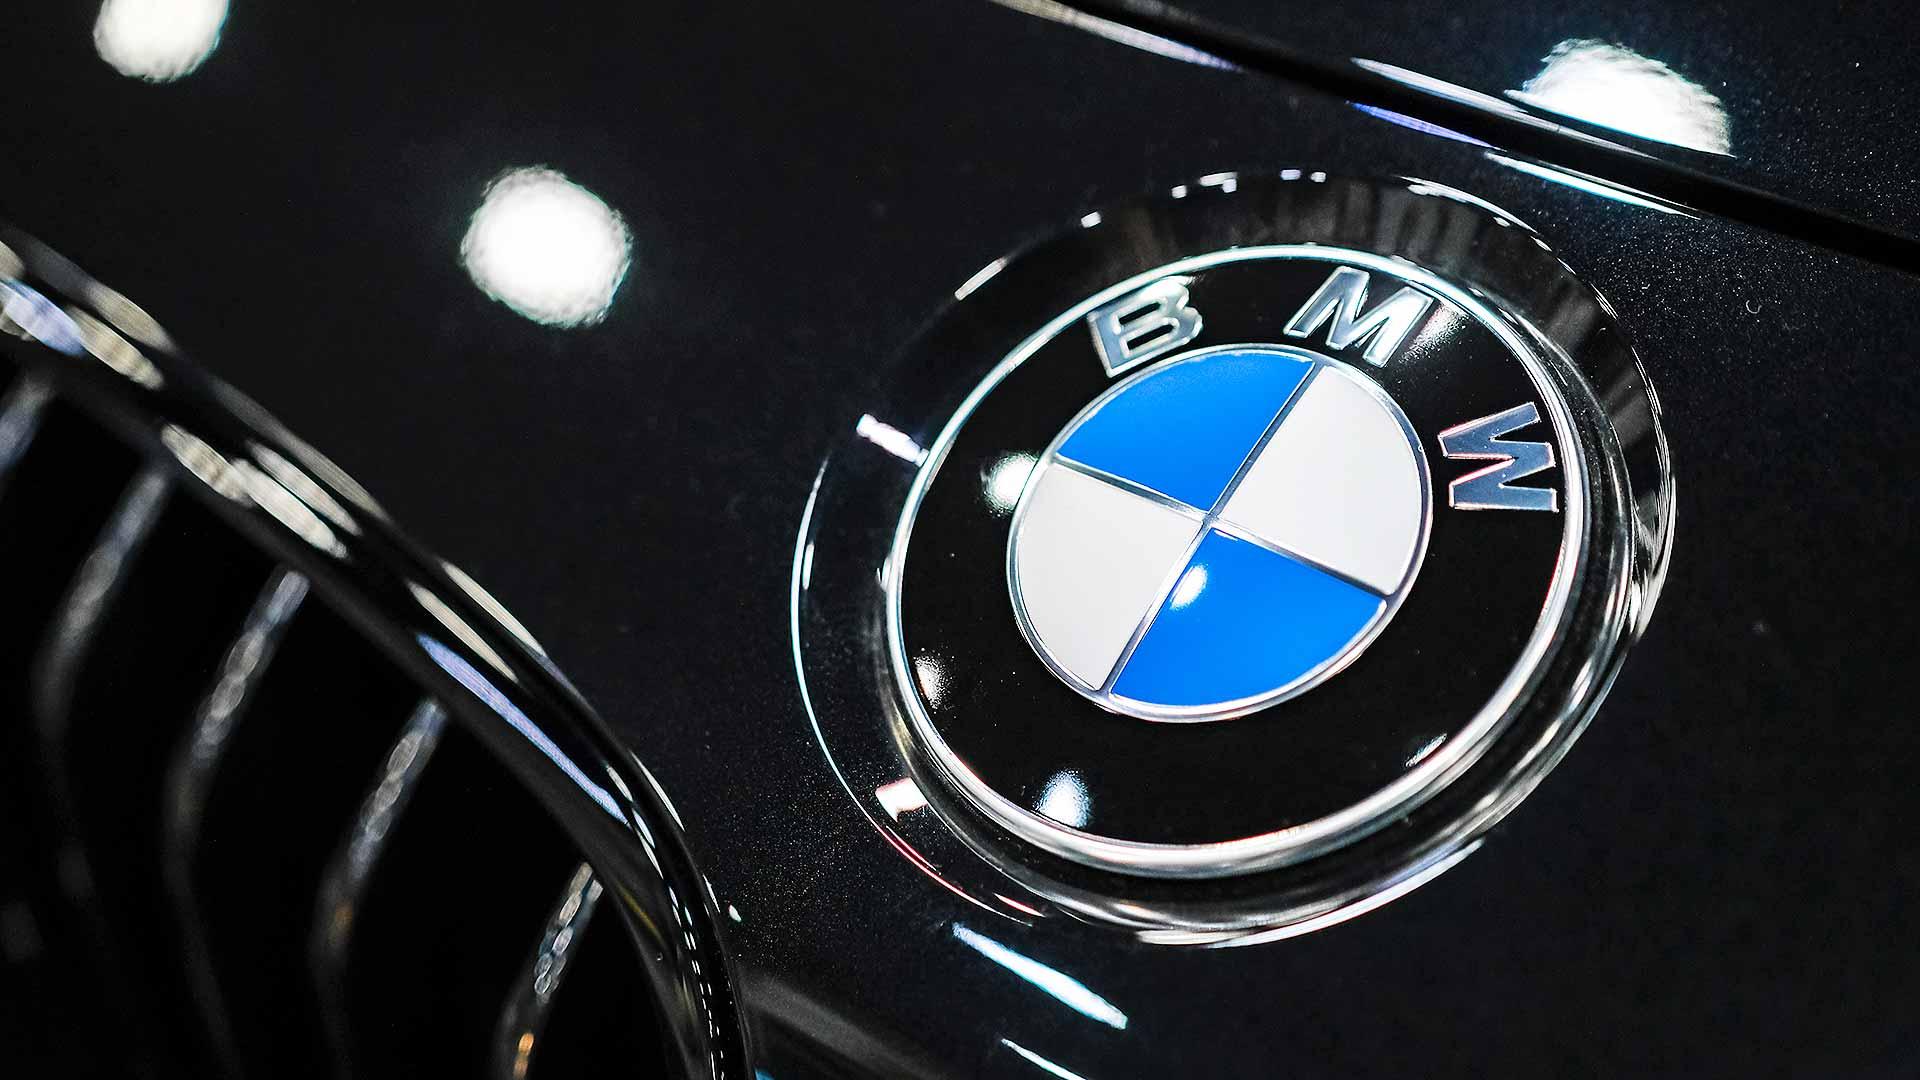 Како правилно се изговара BMW? / ВИДЕО